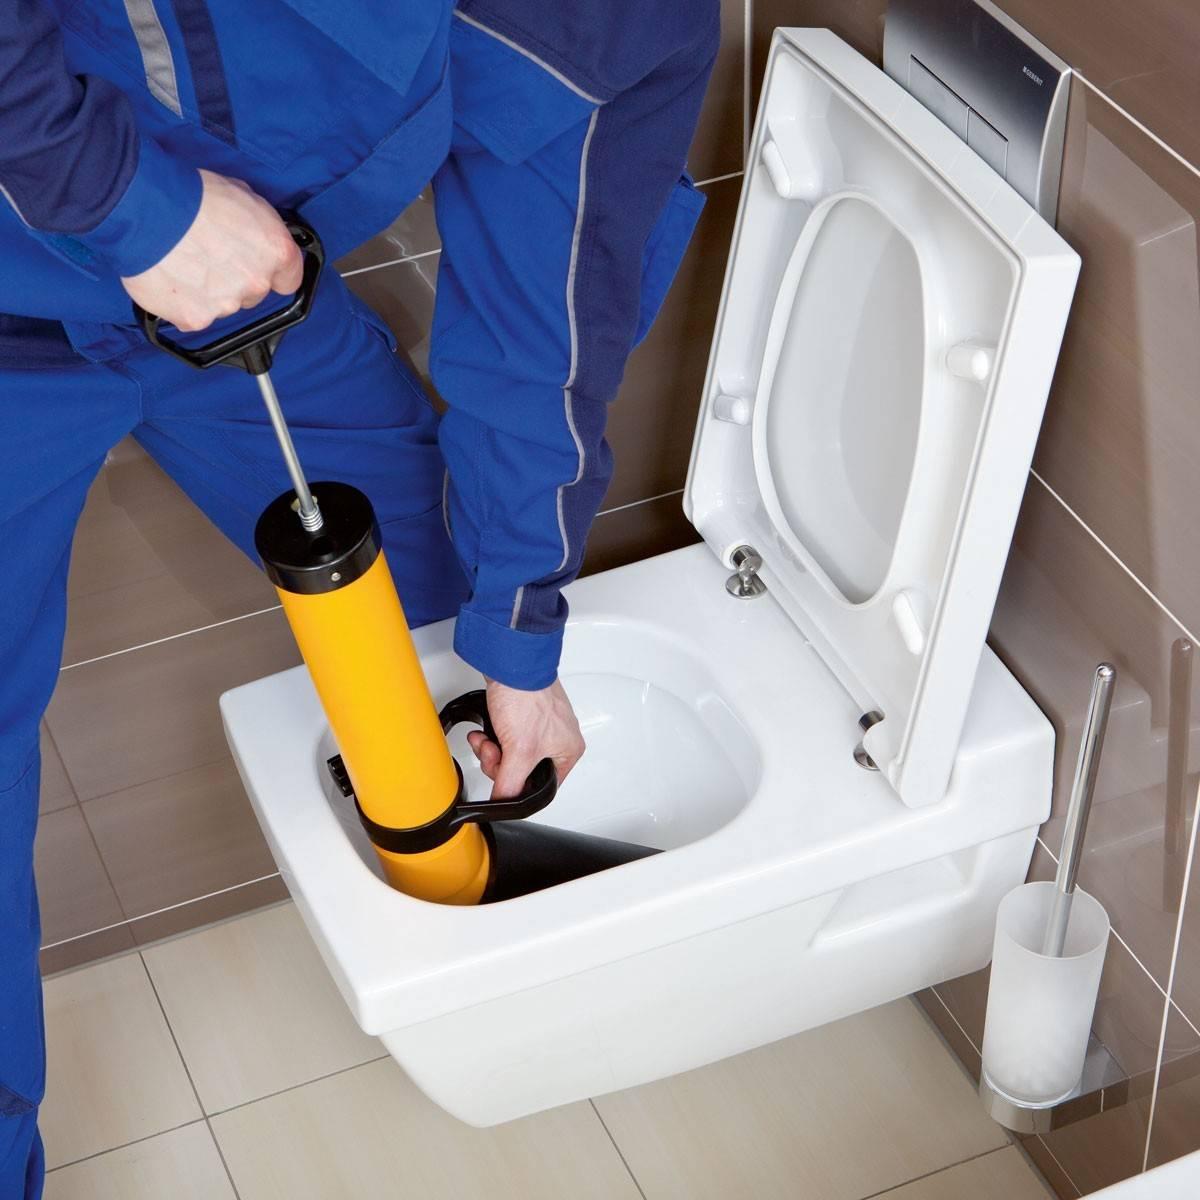 Засоры труб канализации, чем их устранить и как прочищать в домашних условиях, советы экспертов